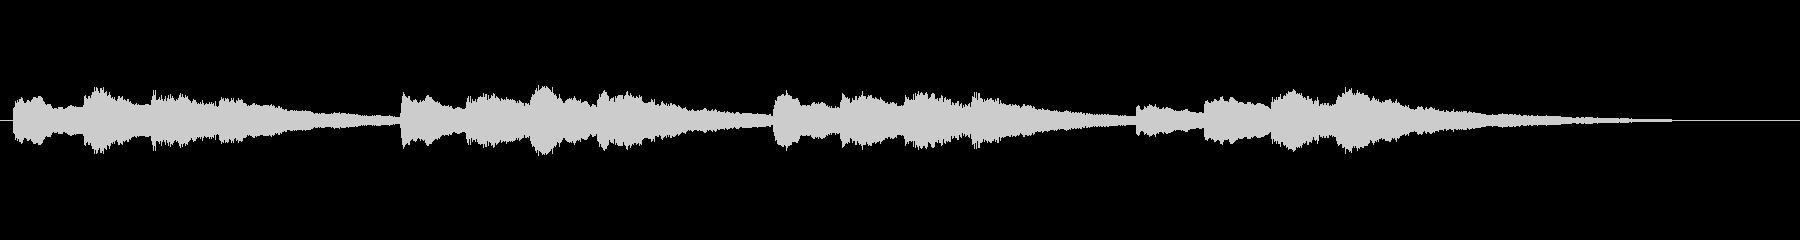 【チャイム 学校02-07】の未再生の波形